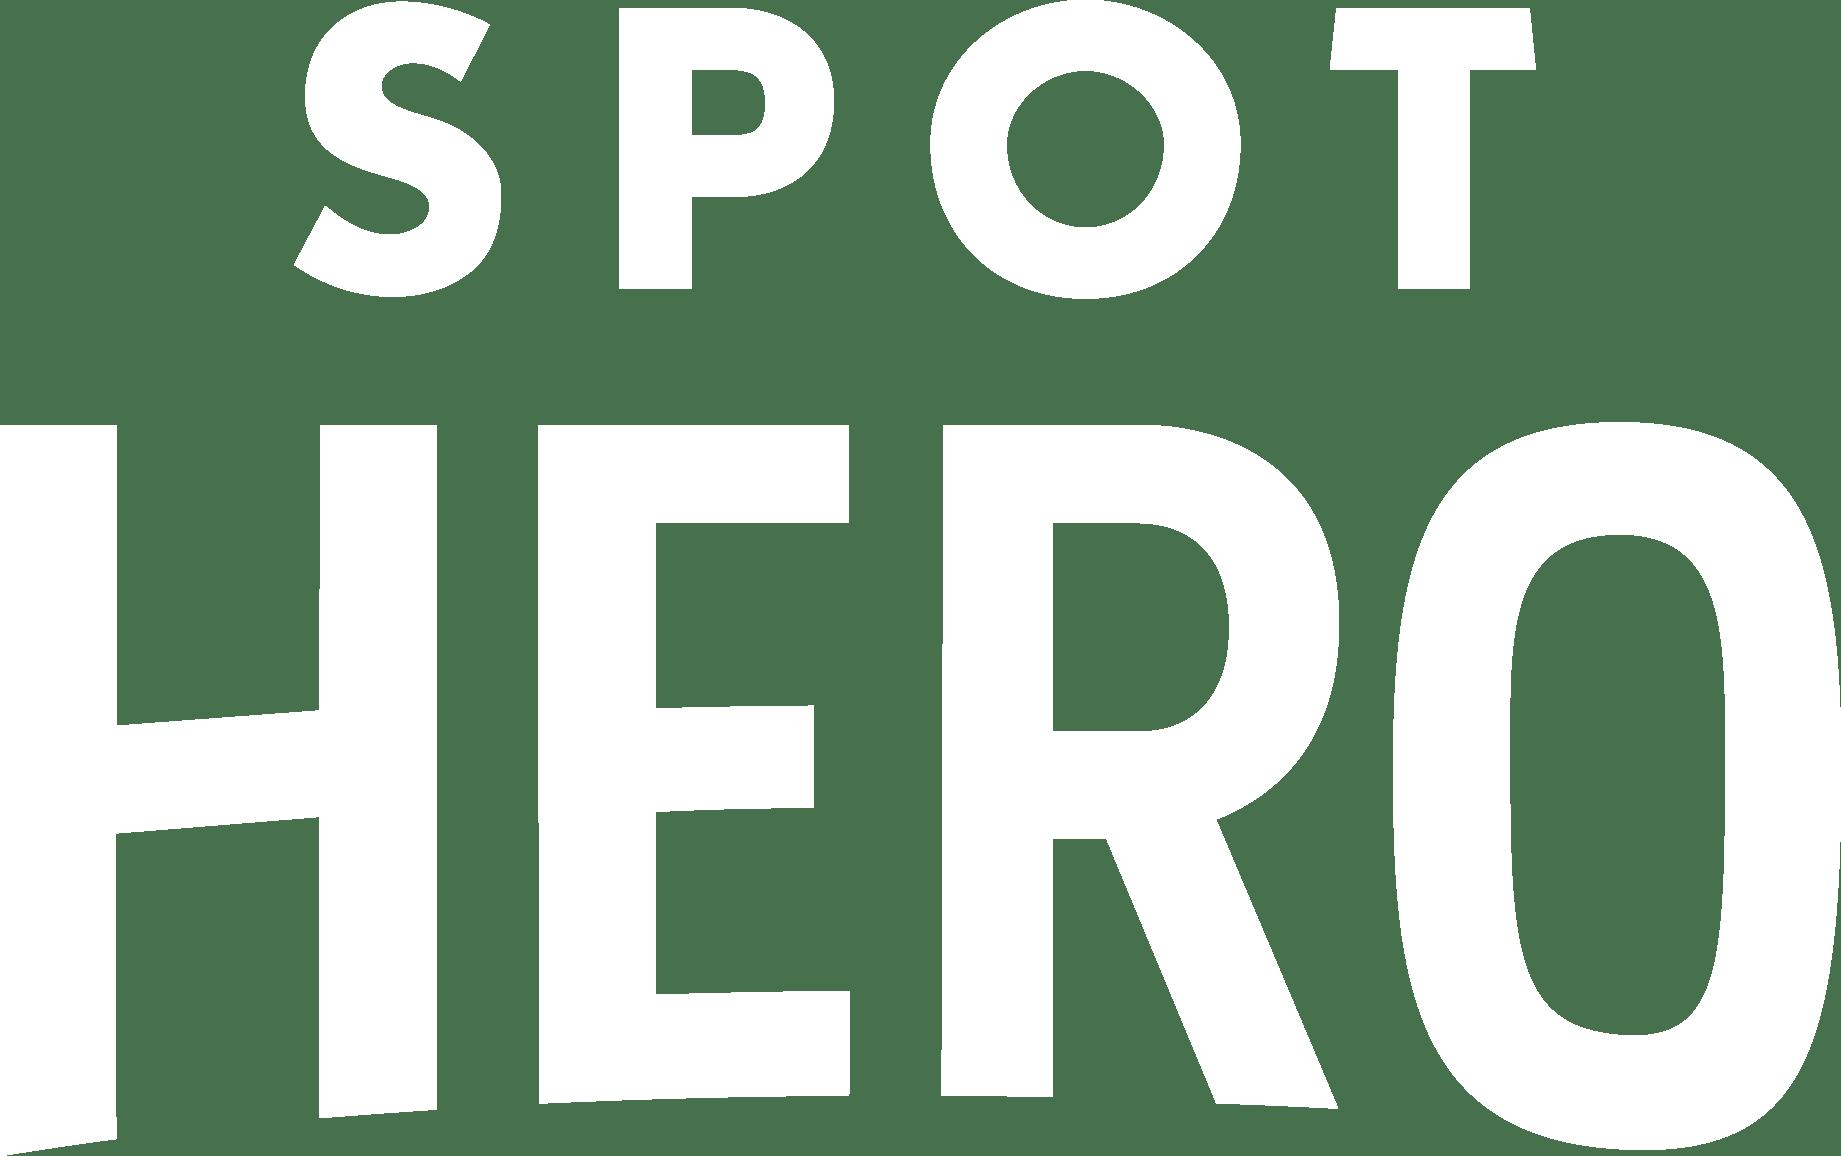 spothero promo code official